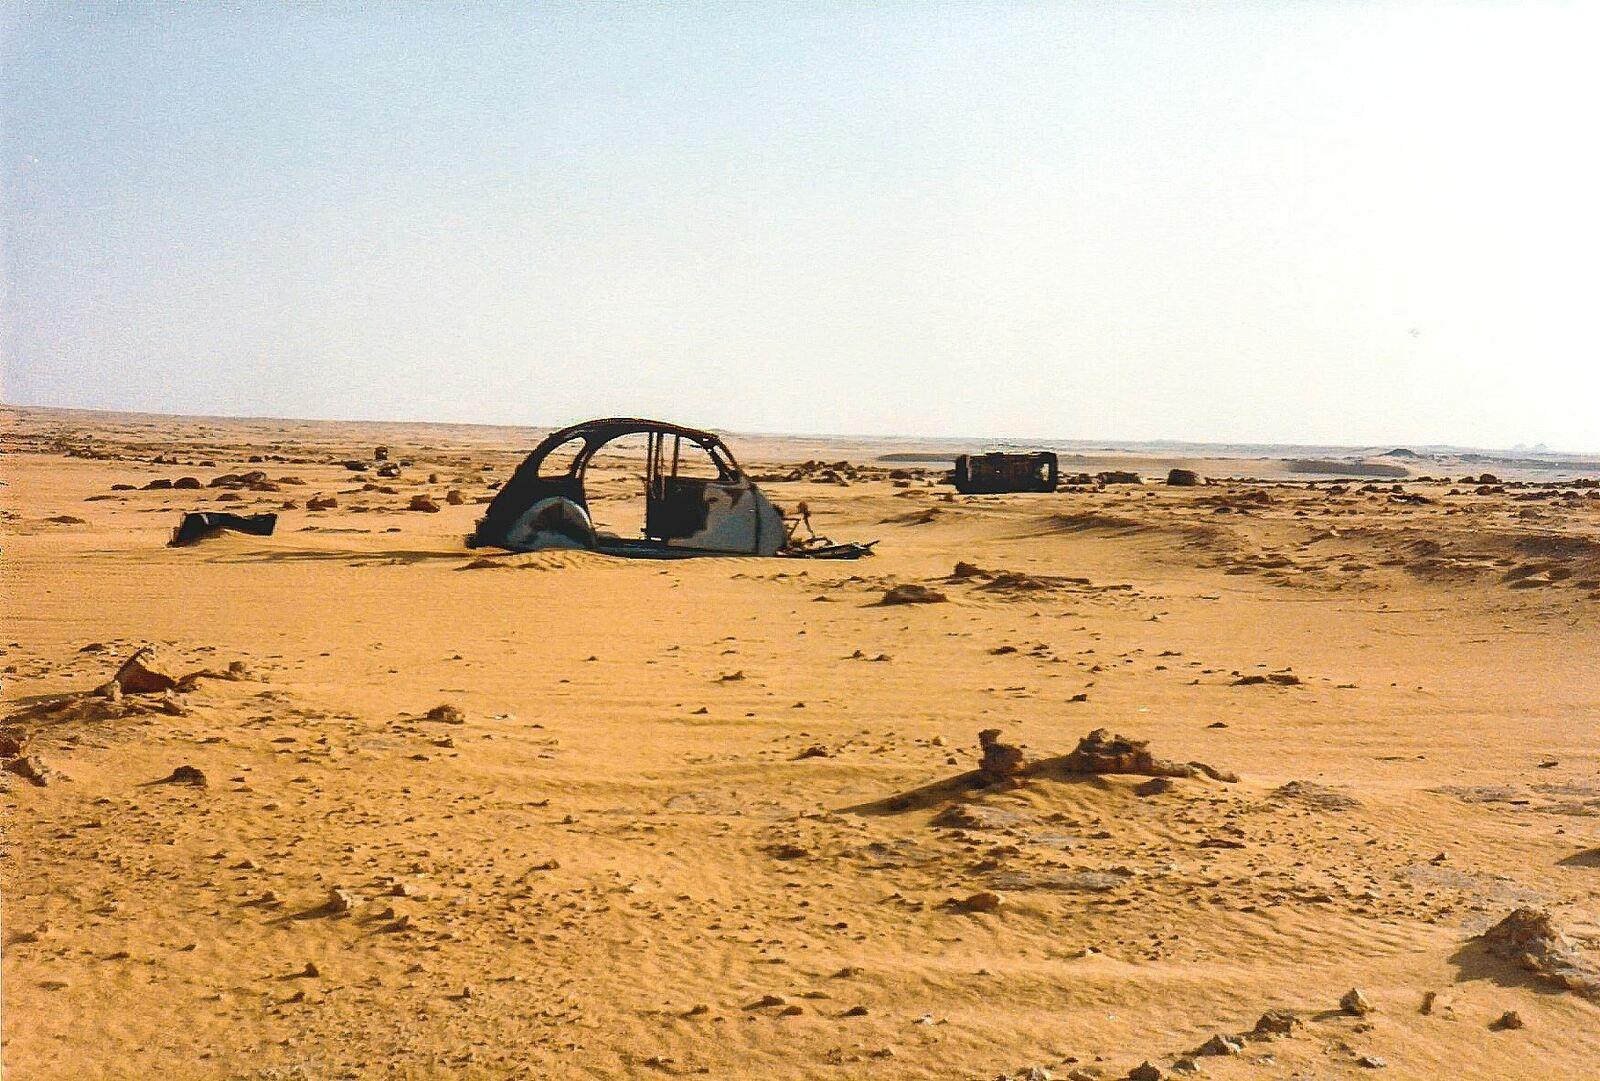 Dunes de Laouni : La route est partout mais vous ne vous perdrez pas, suivez simplement les carcasses. Algérie Aout 81